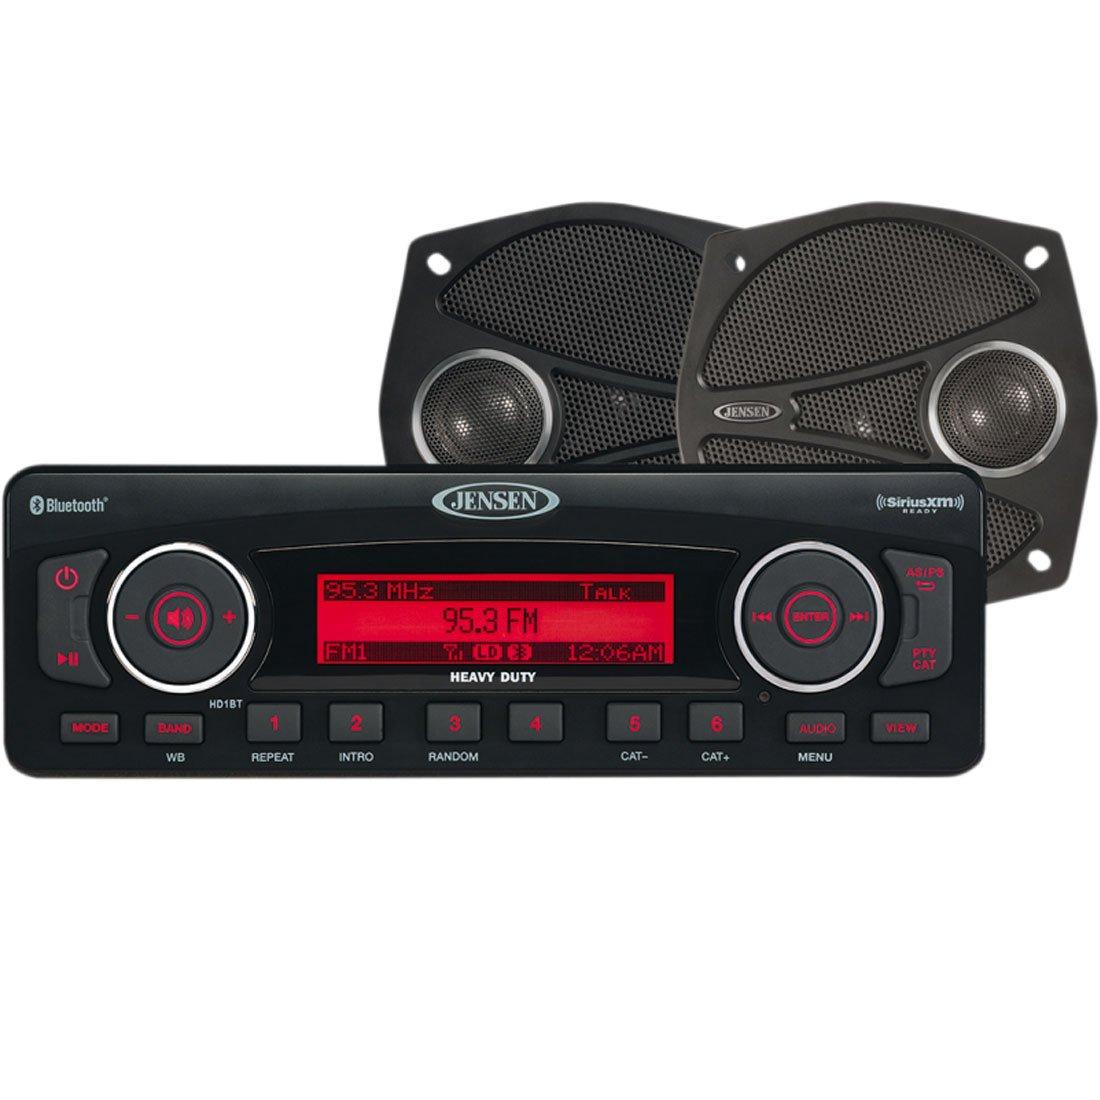 JENSEN HD1BT525 Hi Performance Stereo/Speaker Kit